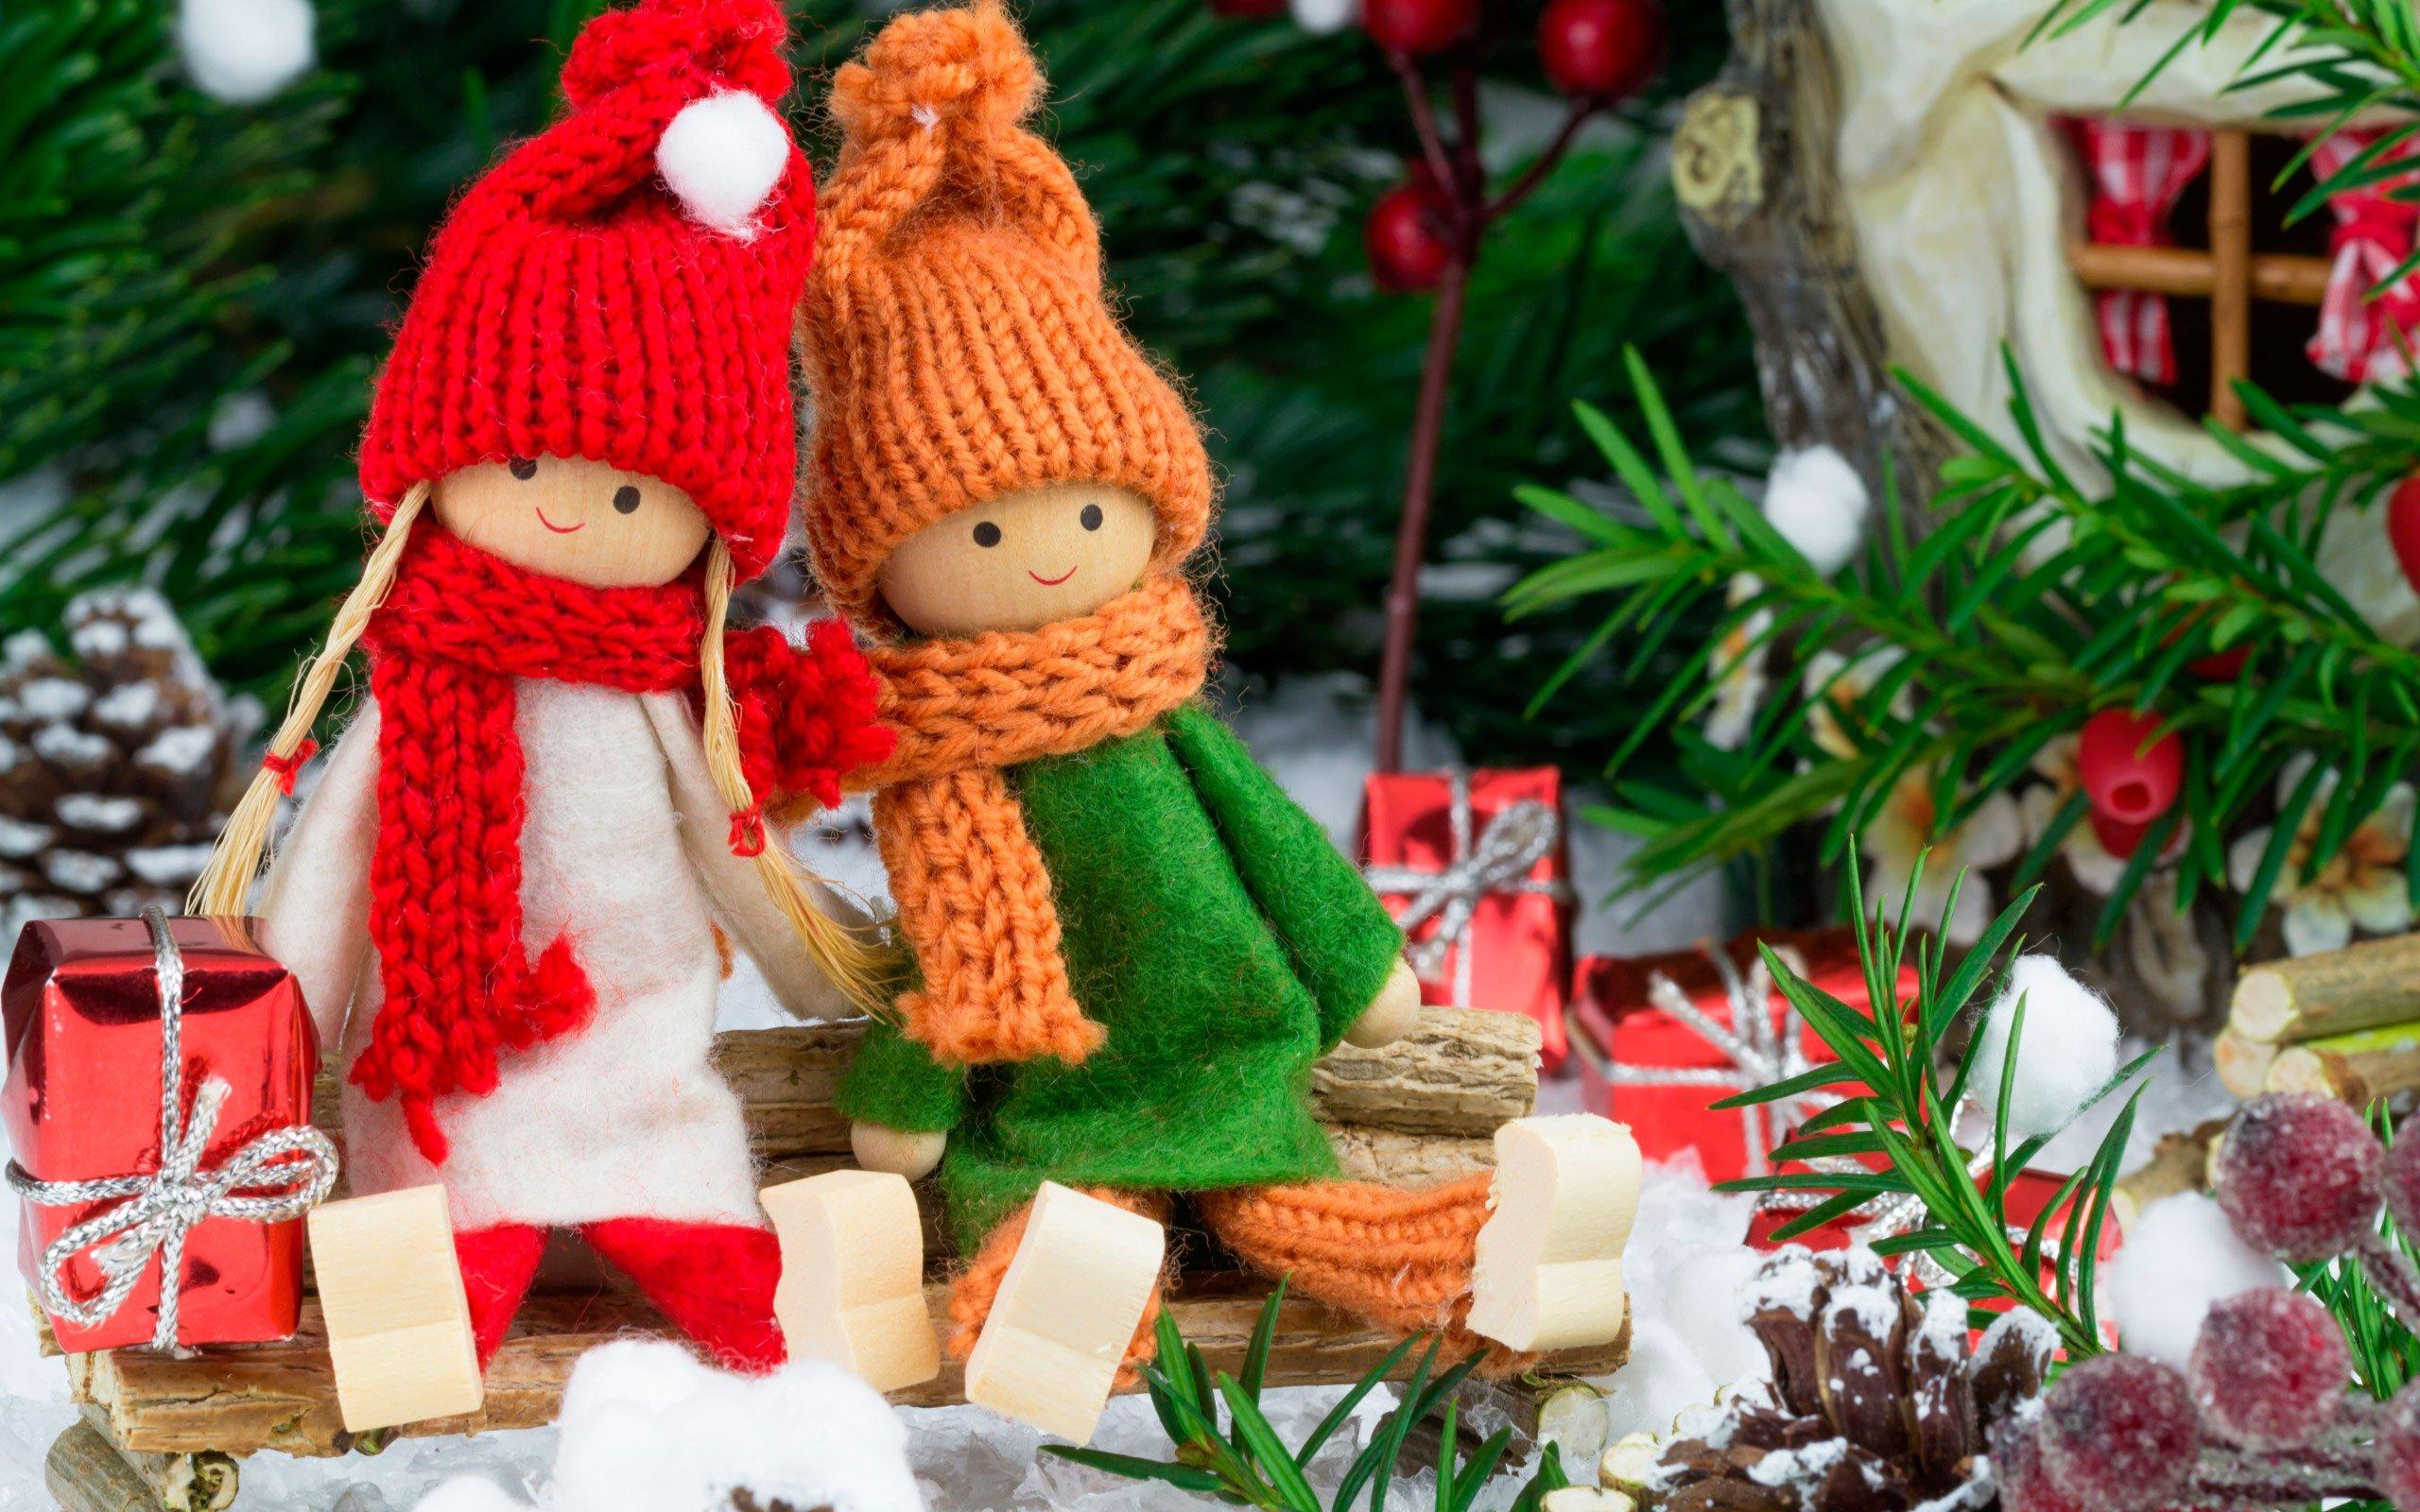 Напразднование Нового года жители России всреднем истратят 17600 руб.